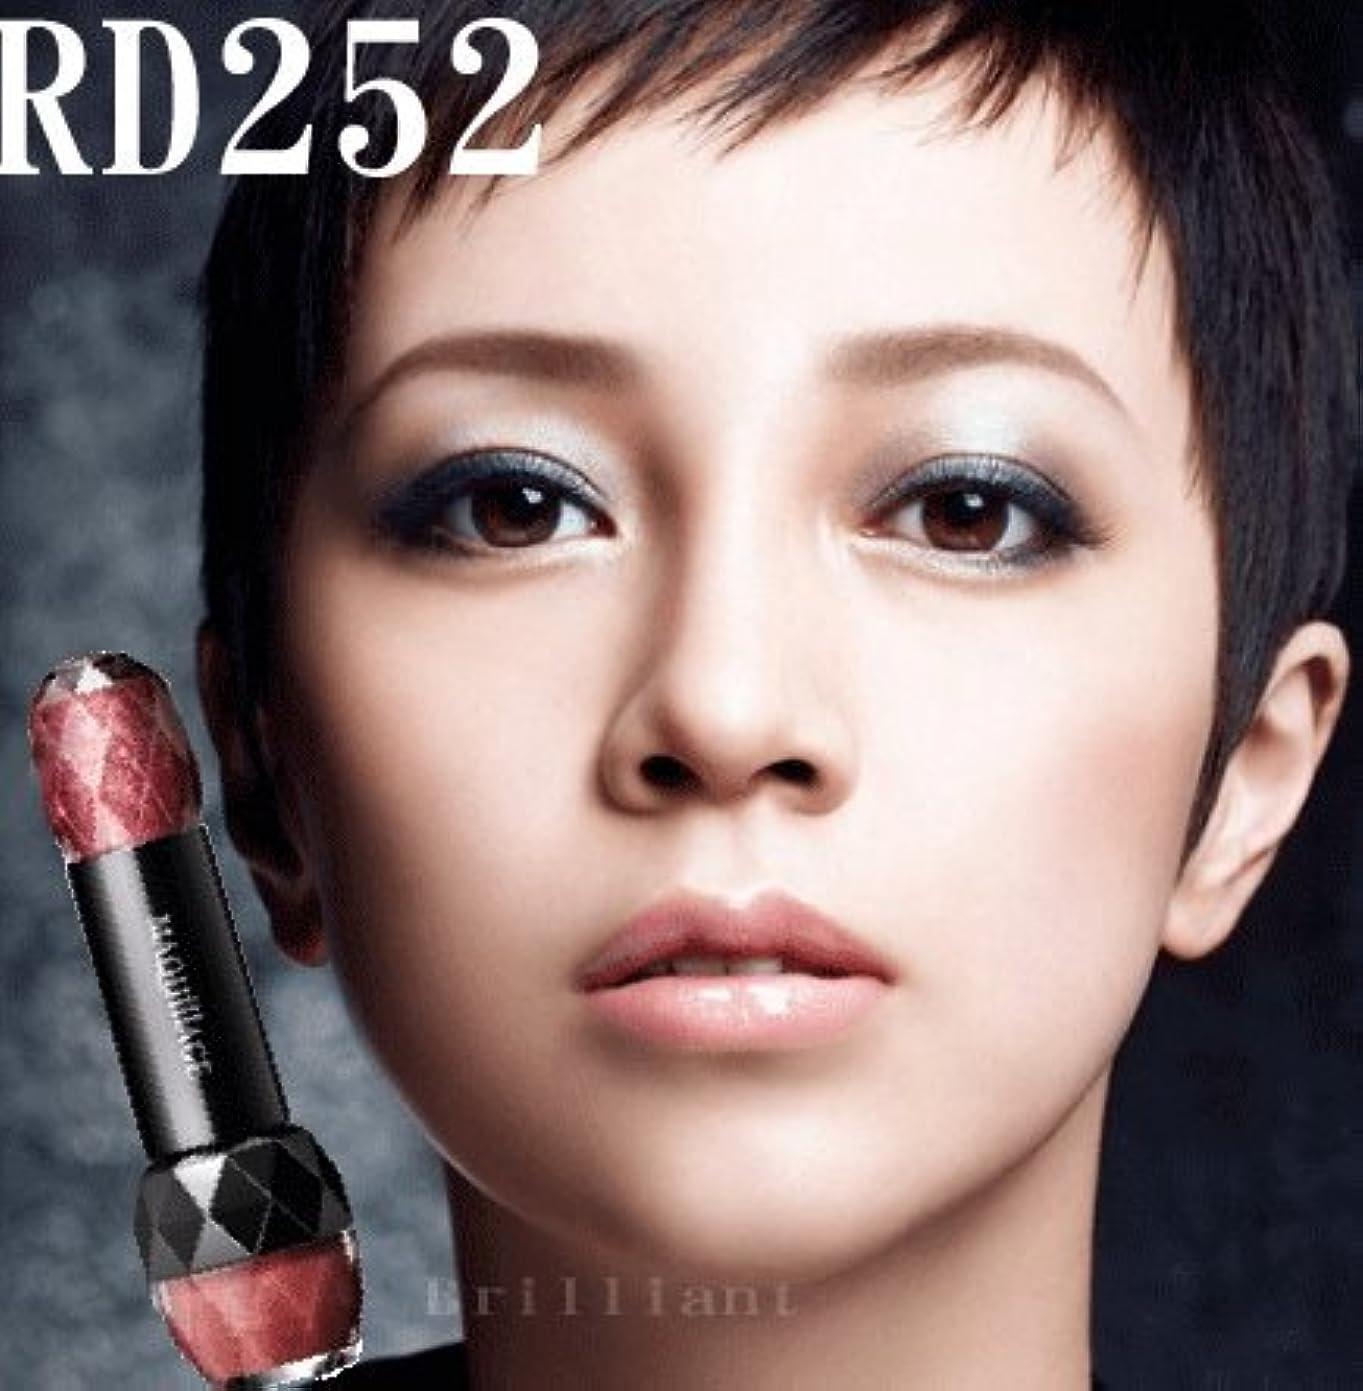 ハイブリッドプレゼンオリエントマキアージュルージュエナメルグラマー 【RD252】アイコニック使用色